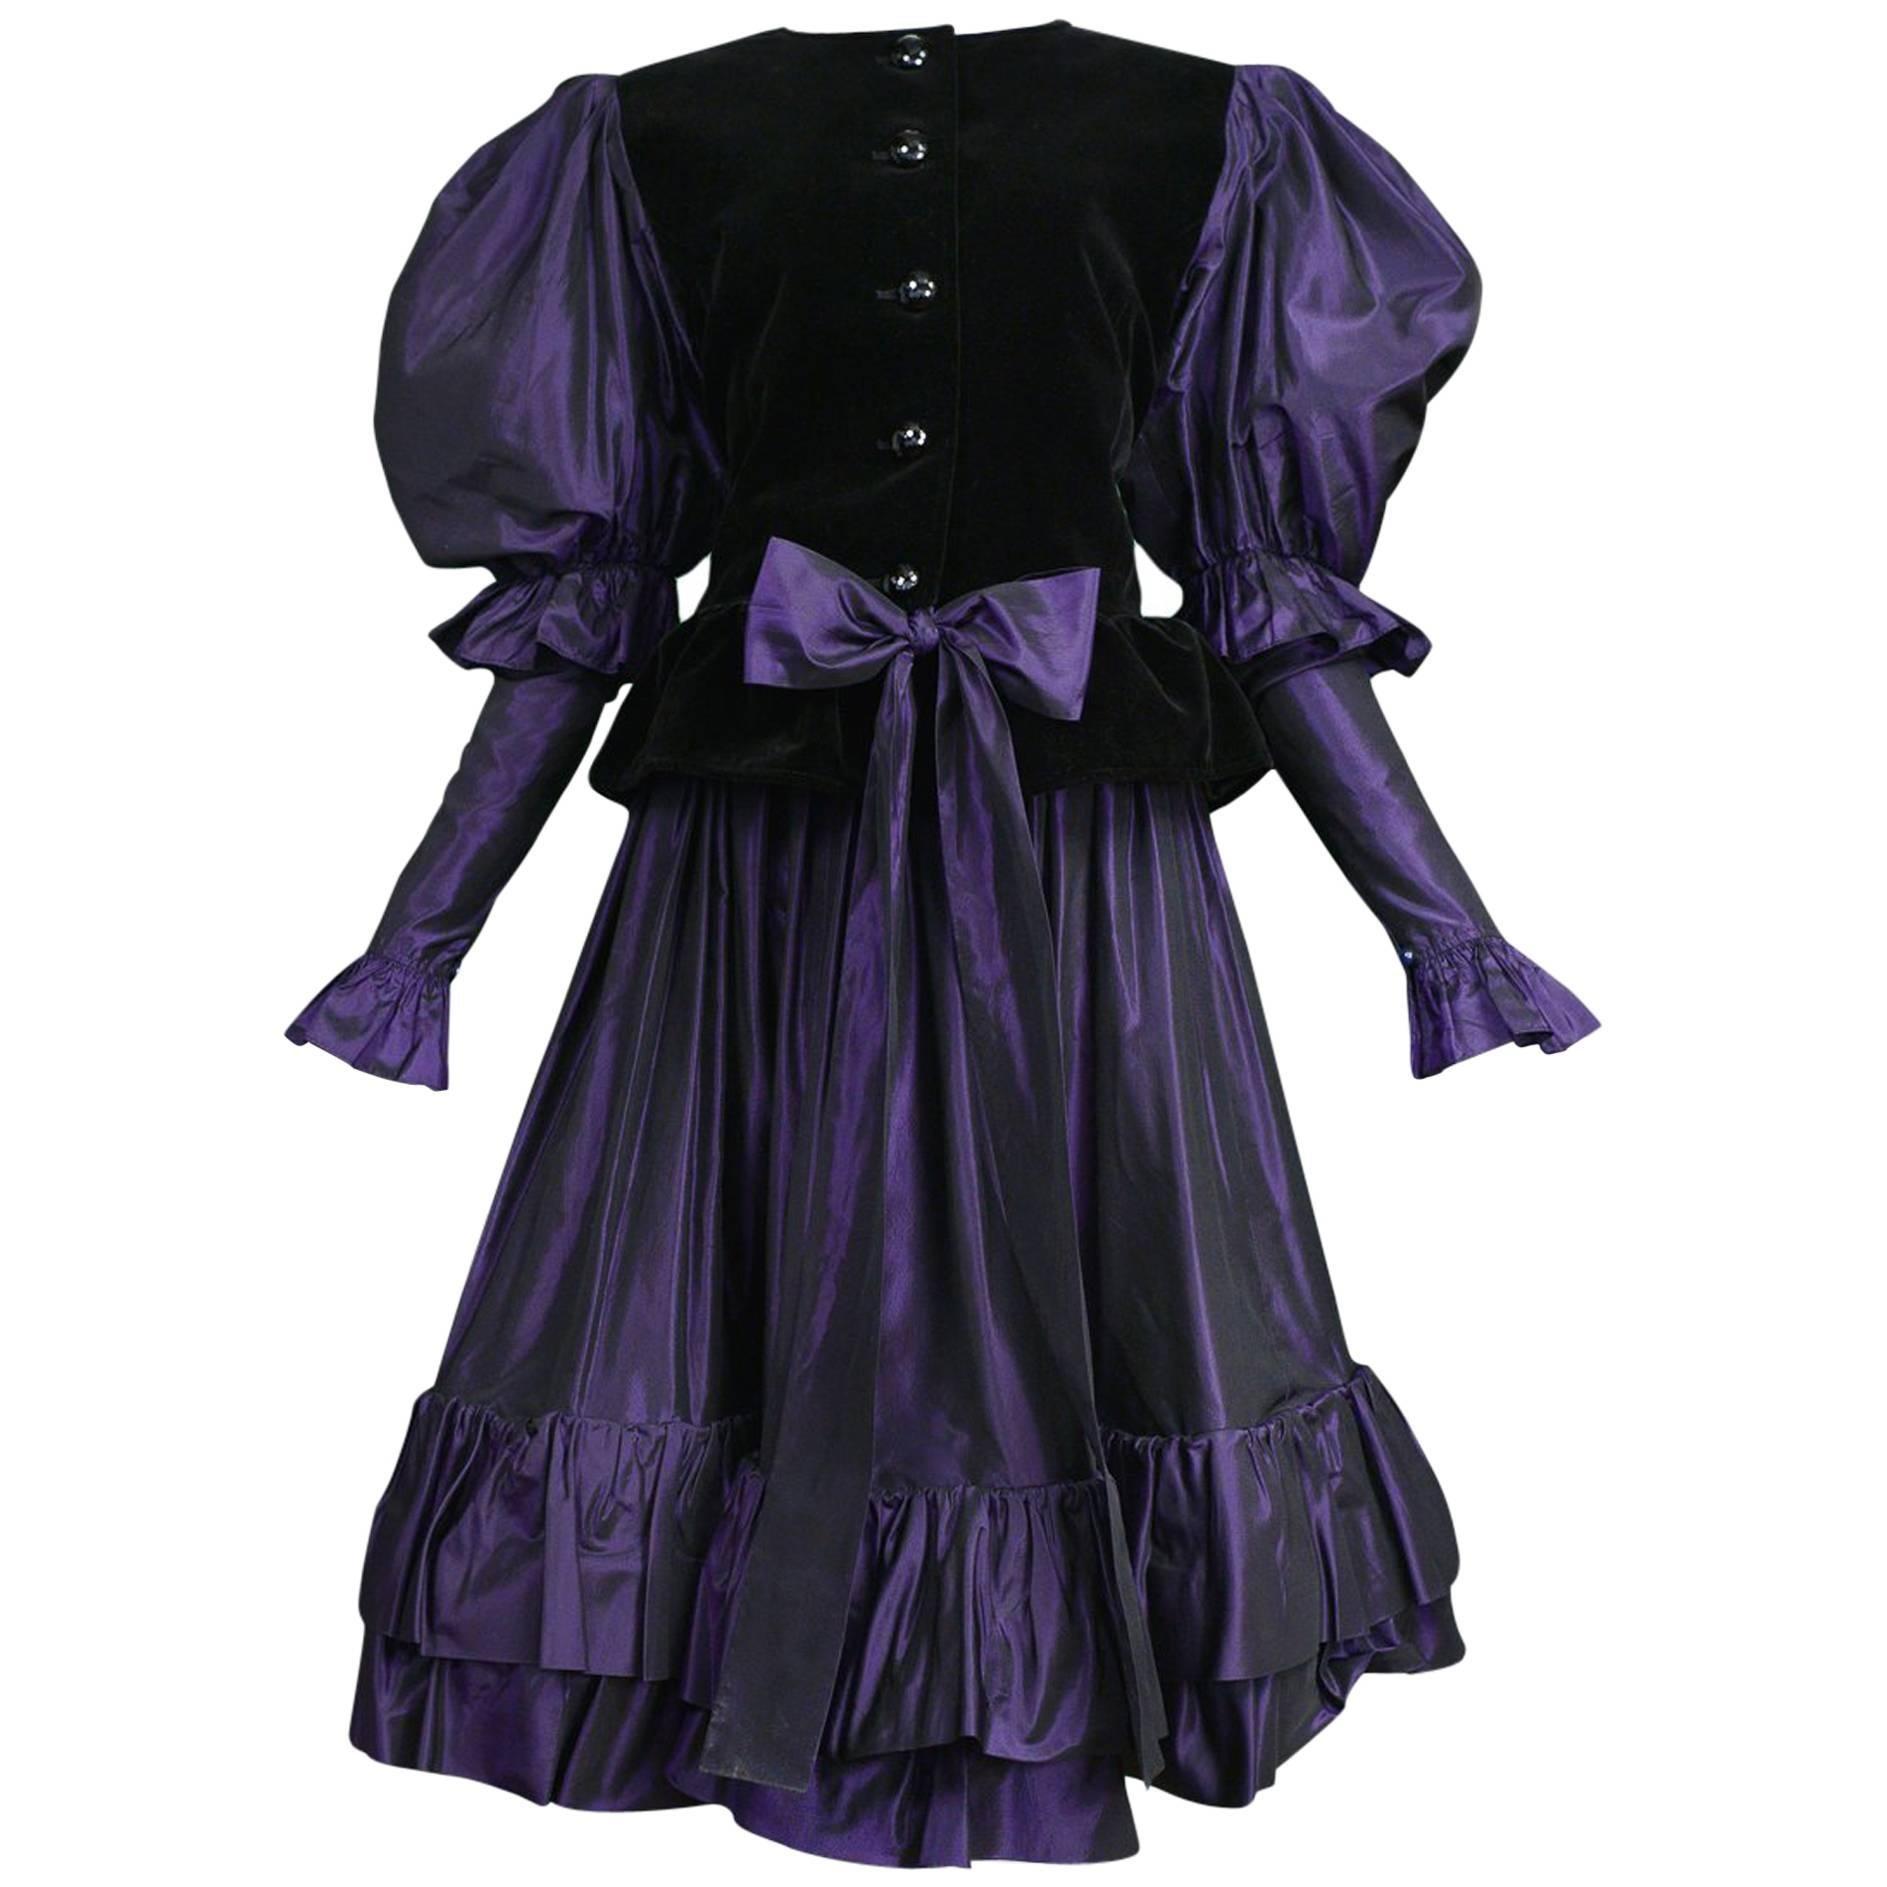 Yves Saint Laurent Velvet & Royal Purple Taffeta Ruffle Skirt Ensemble 1982